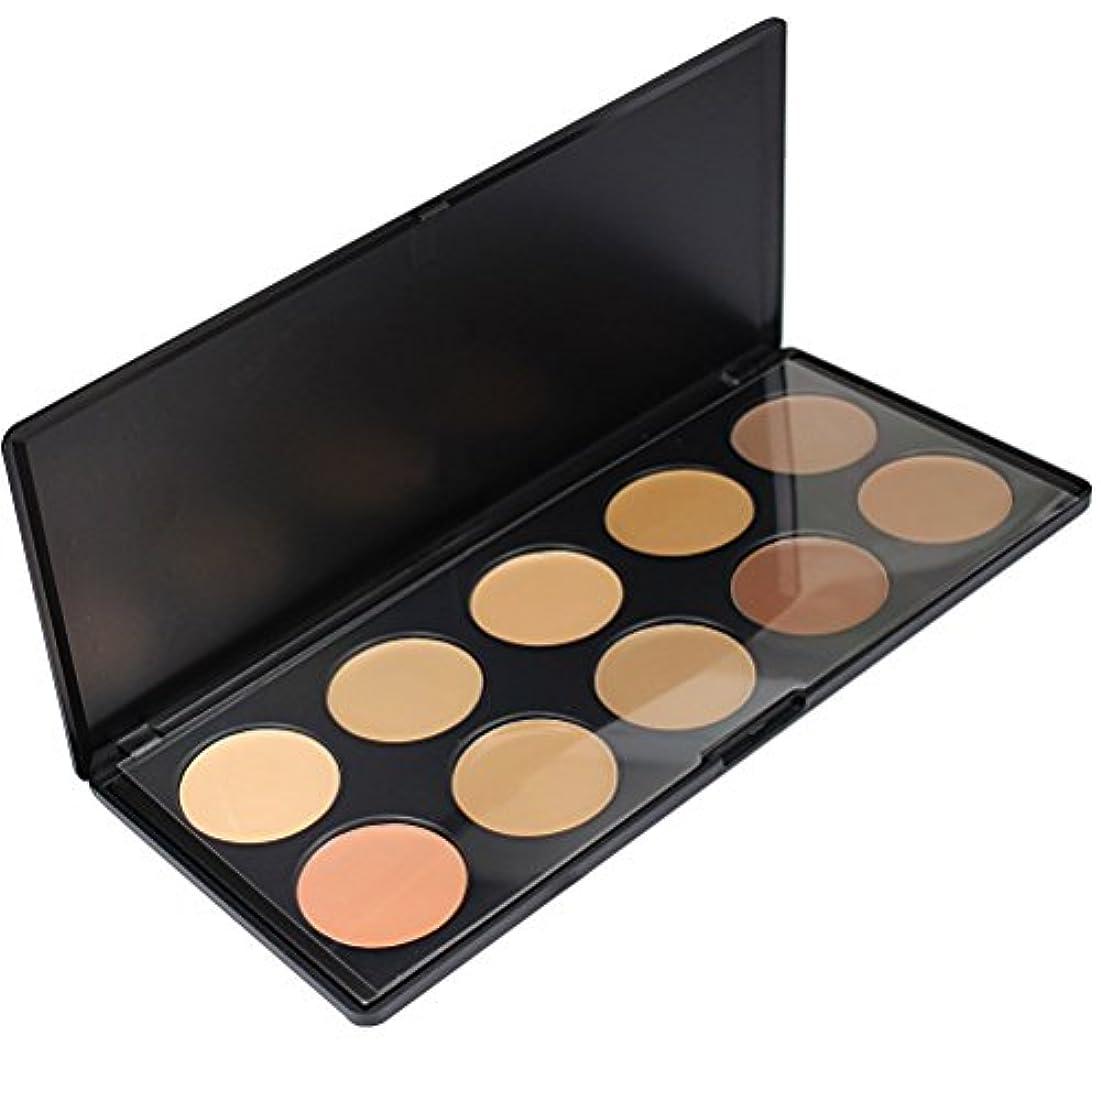 マスク北東繁栄メイクアップエーシーシー (MakeupAcc) 10色コンシーラーパレット アイシャドウパレット メイクアップセット [並行輸入品]